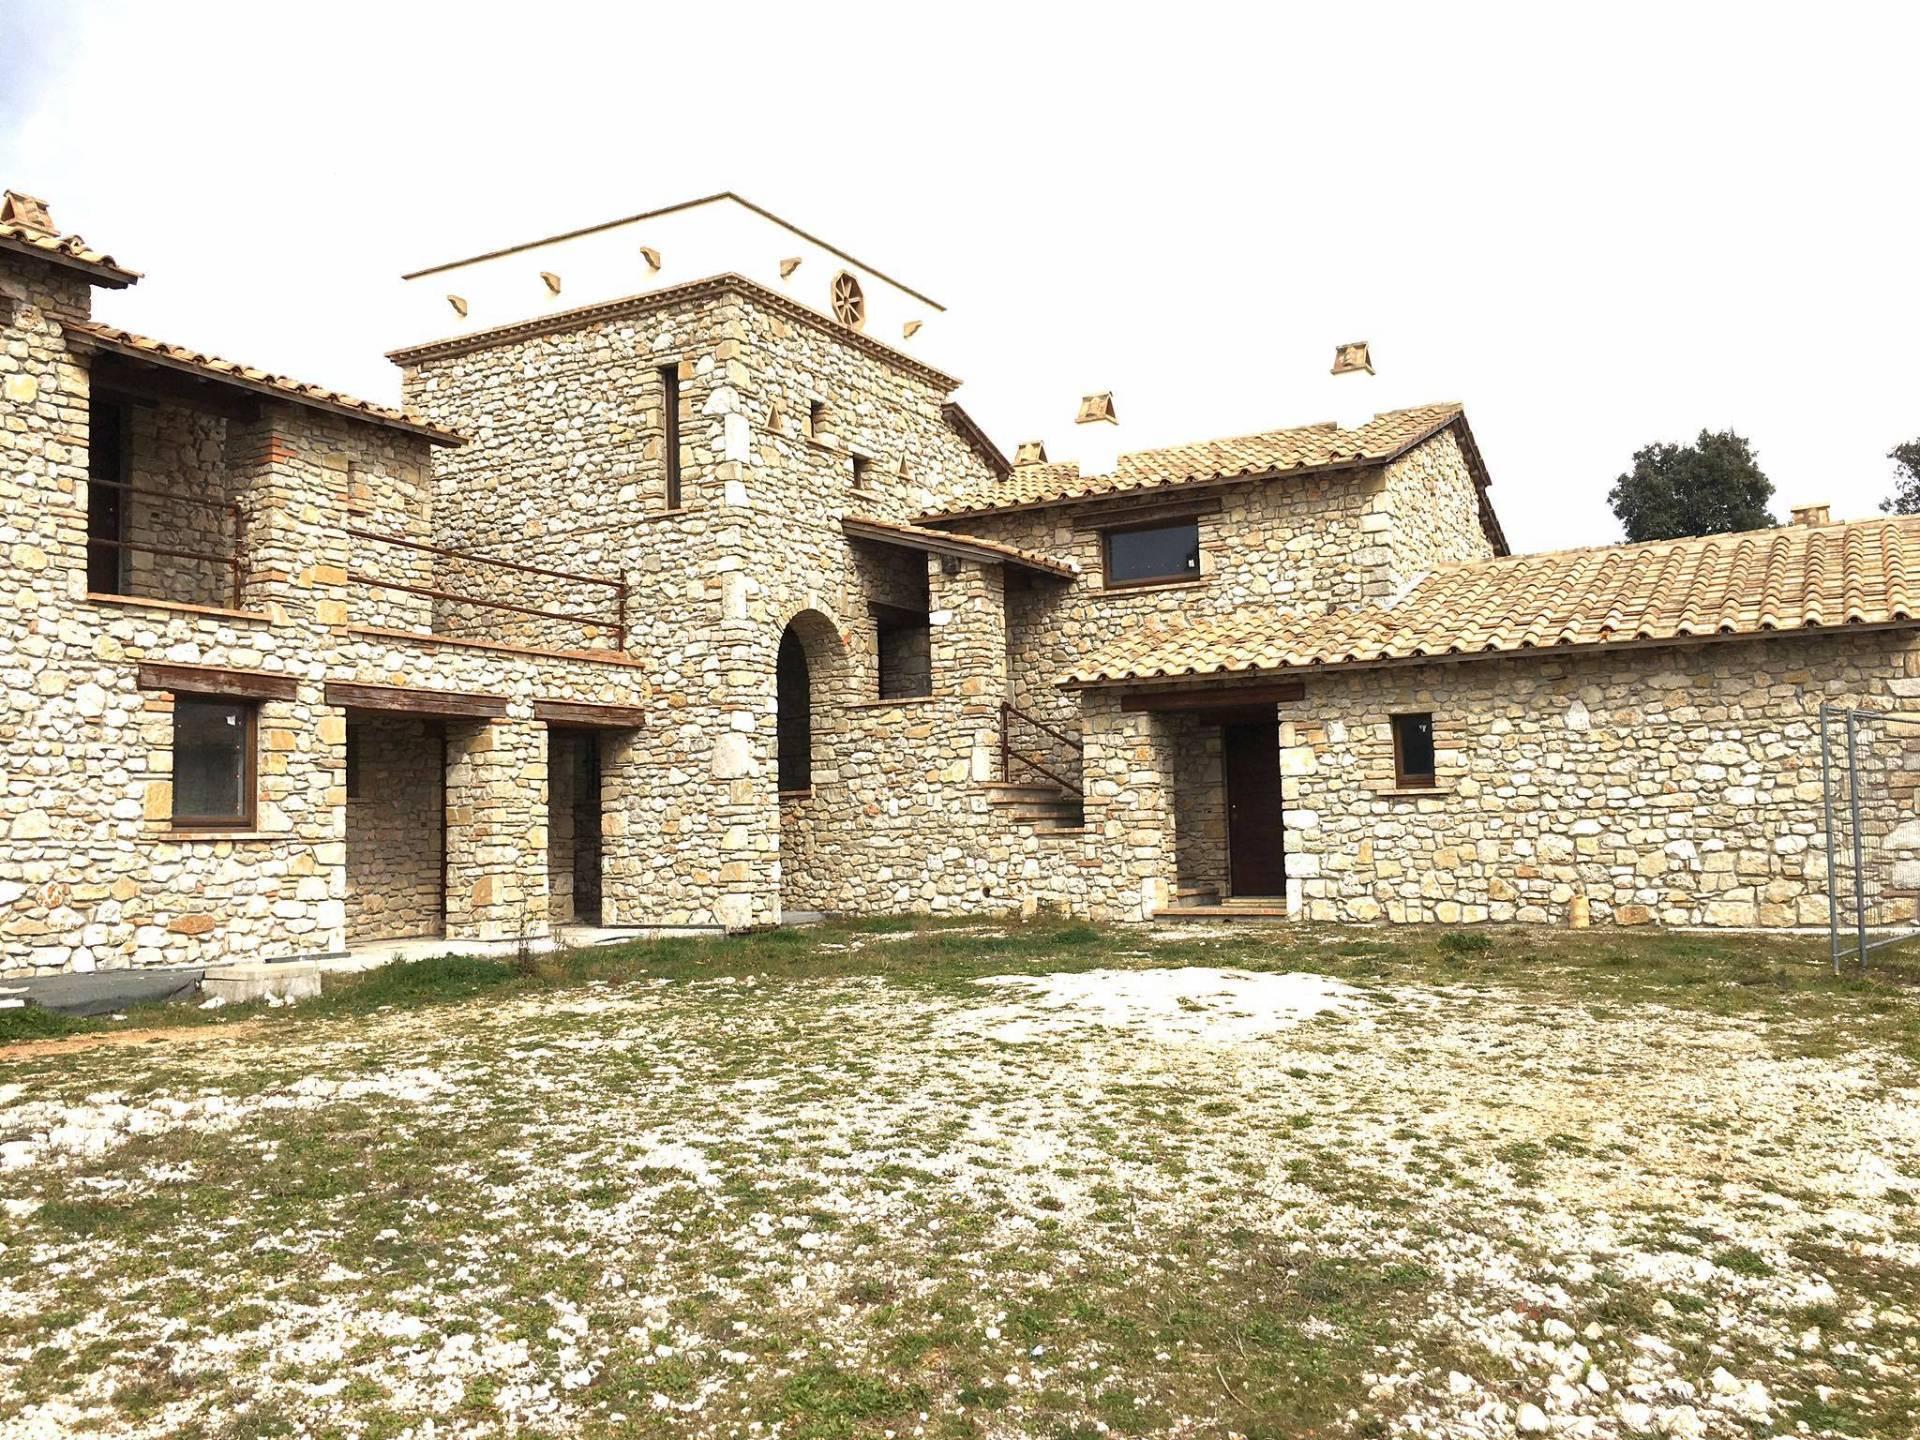 Agriturismo in vendita a Amelia, 28 locali, prezzo € 2.800.000 | CambioCasa.it